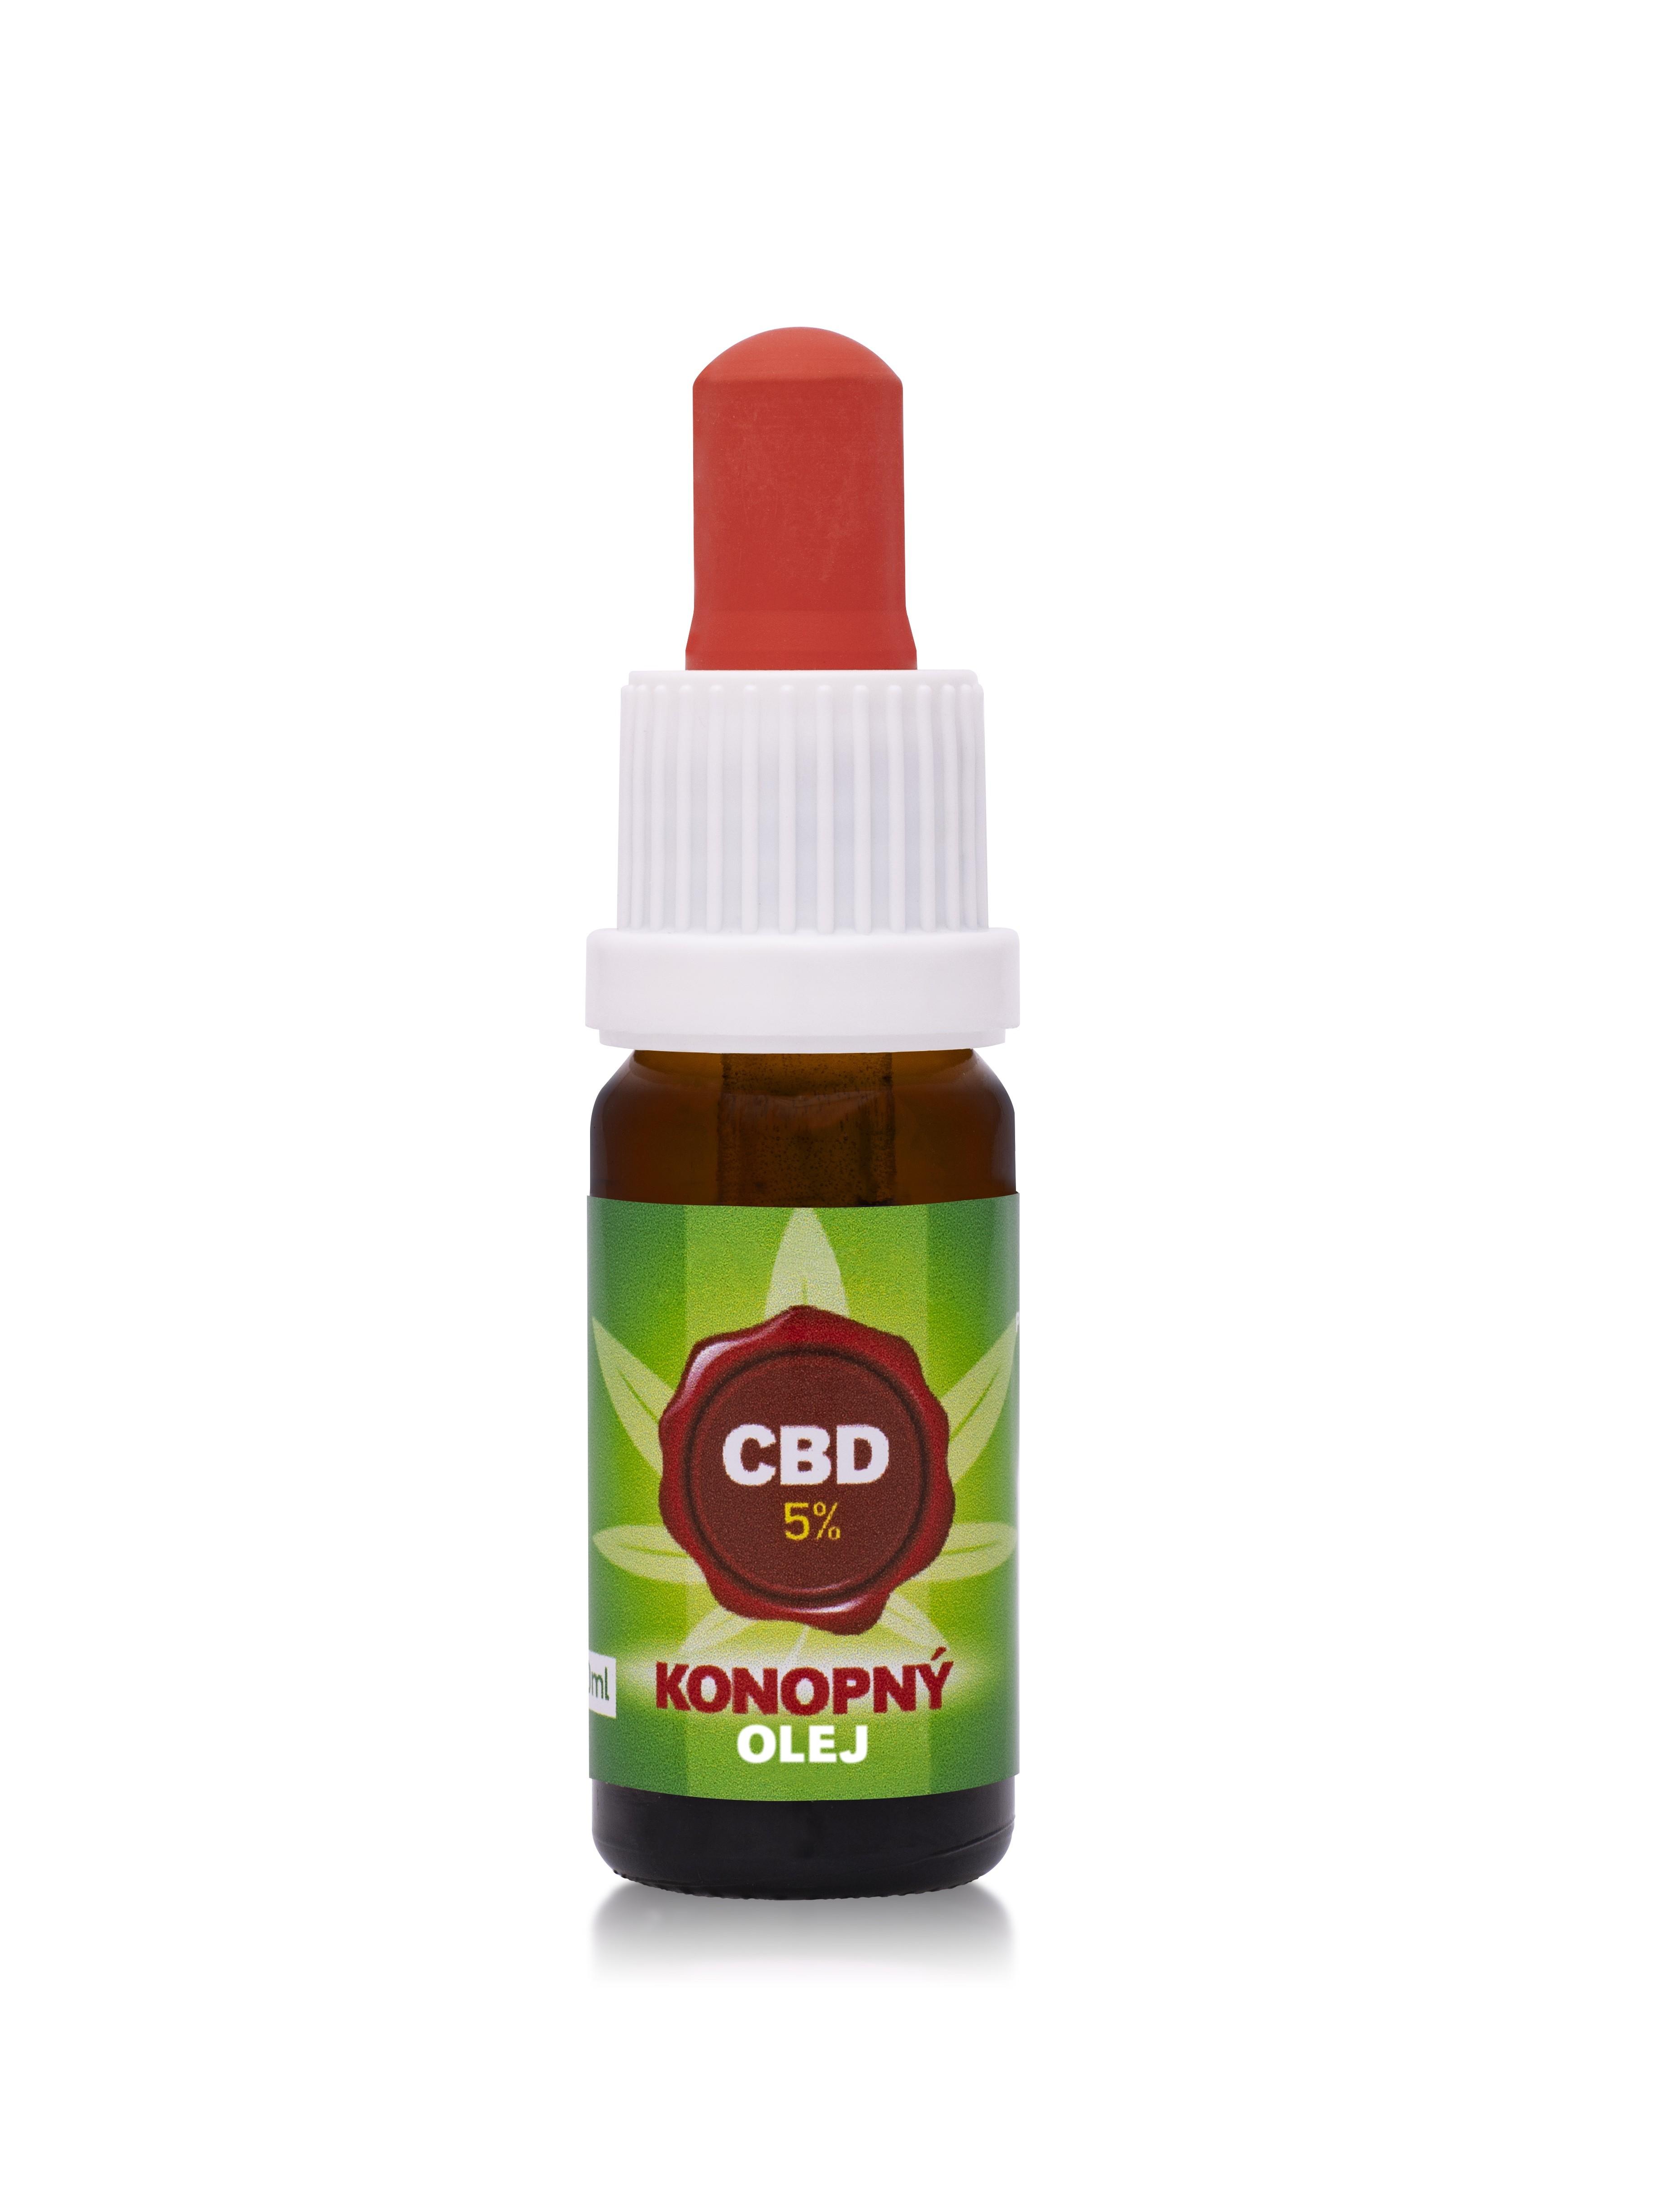 5% CBD - Konopný olej